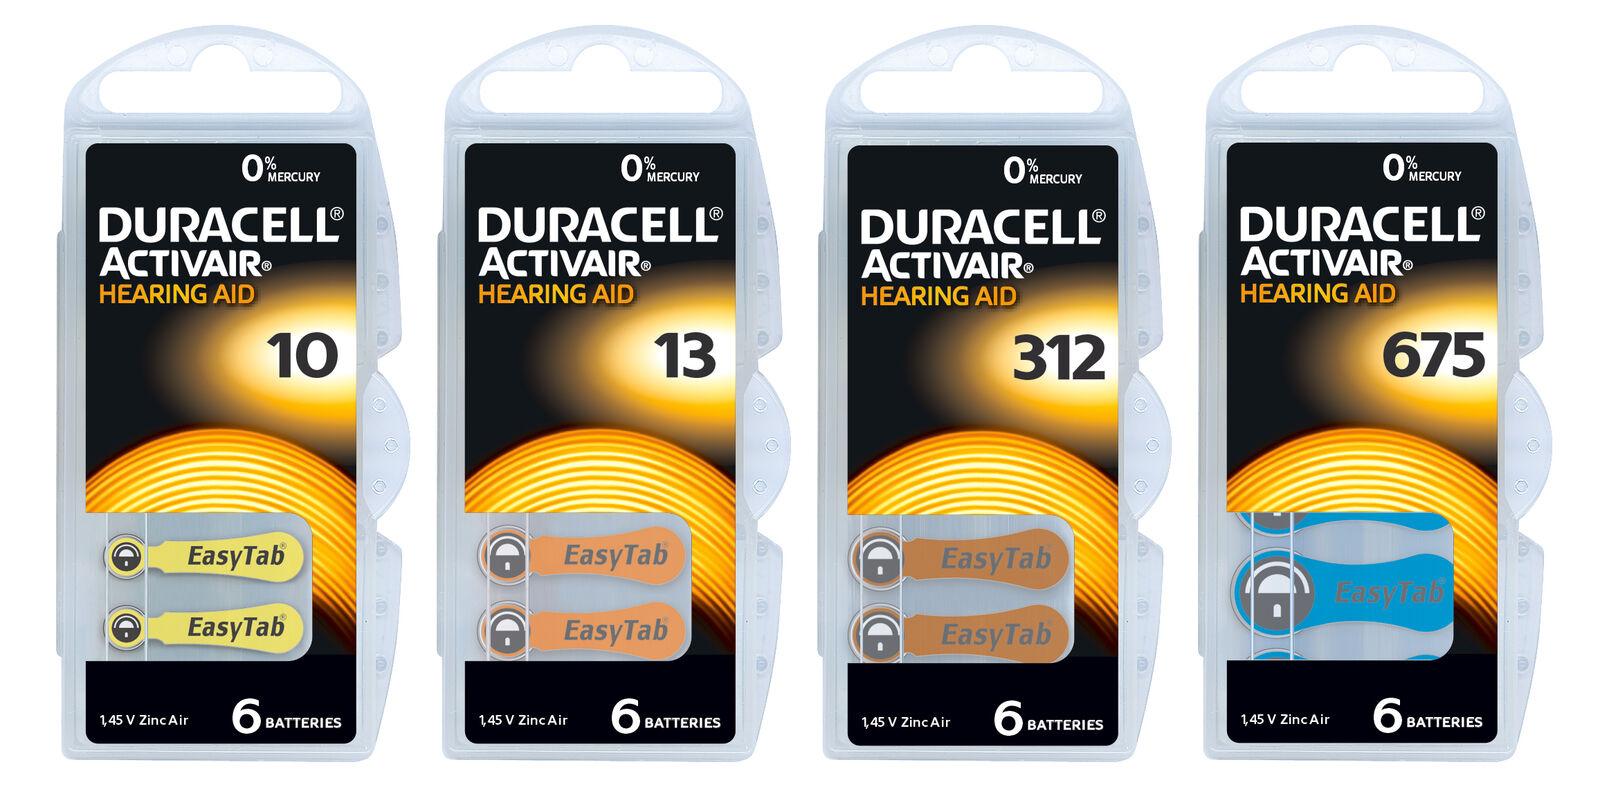 Duracell Hörgerätebatterien  - AU 10, 13, 312, 675.